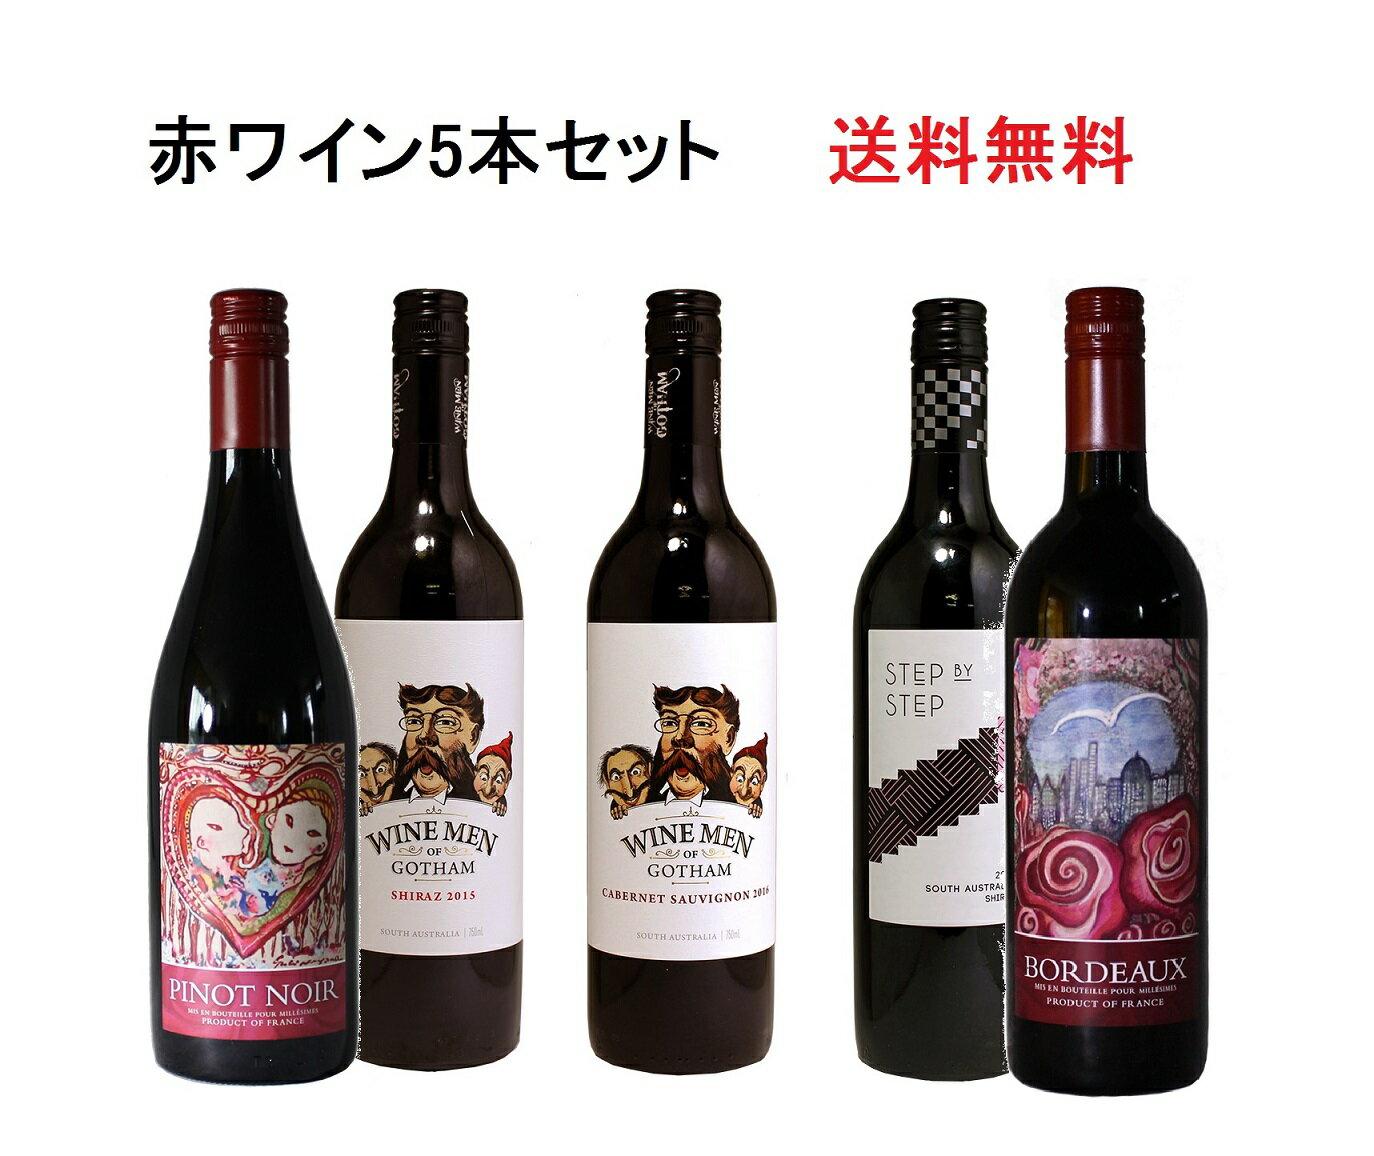 5本厳選 赤ワインセット フランス オーストラリア 送料無料